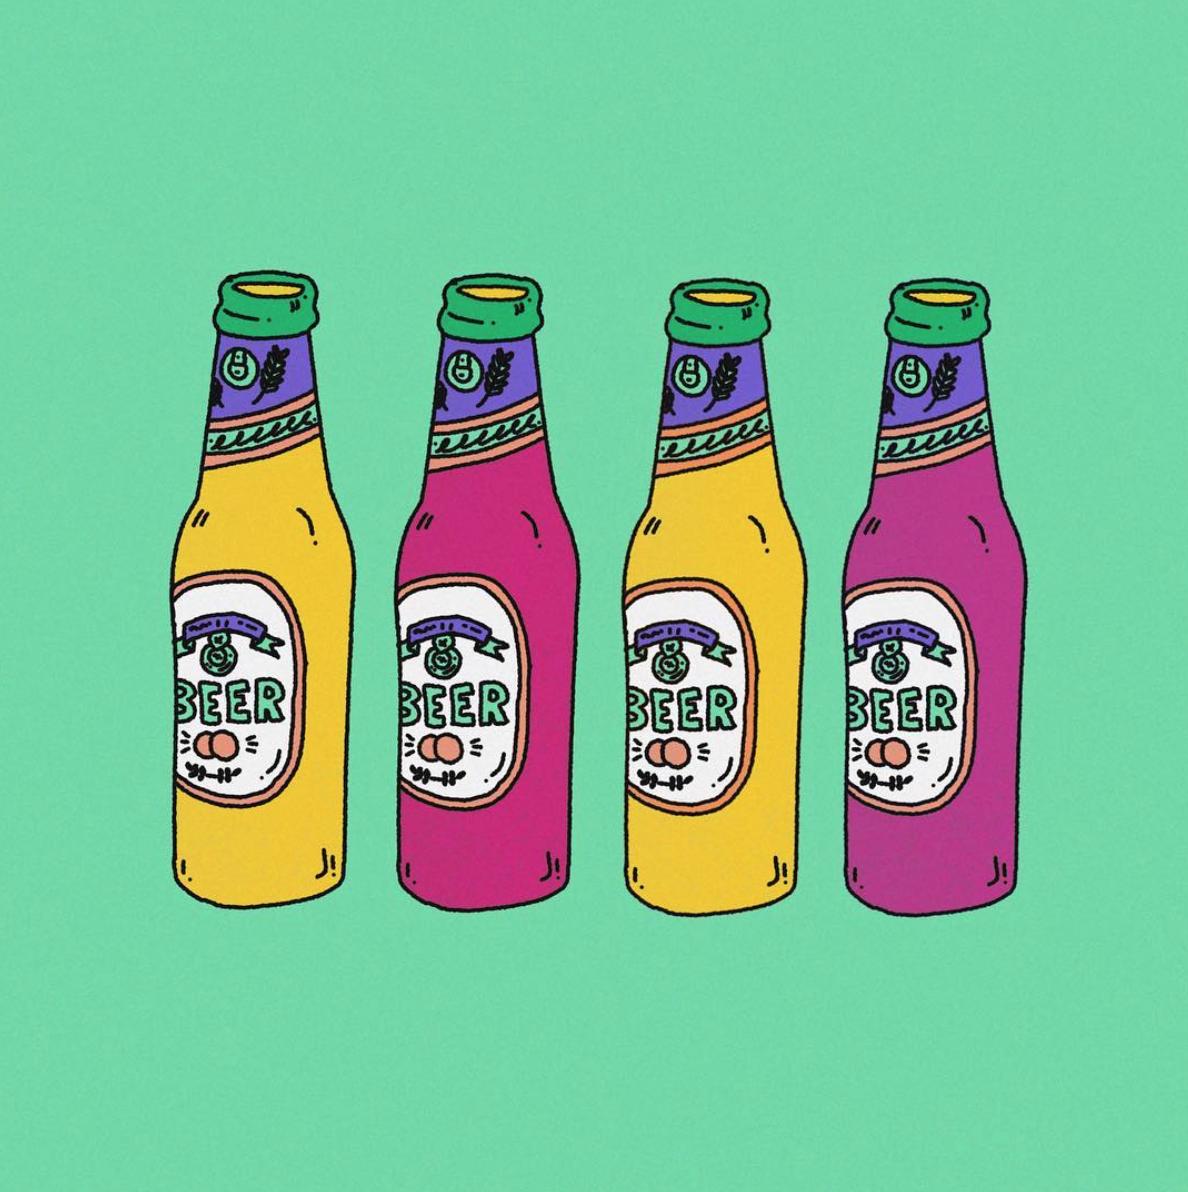 Prop - Bottles